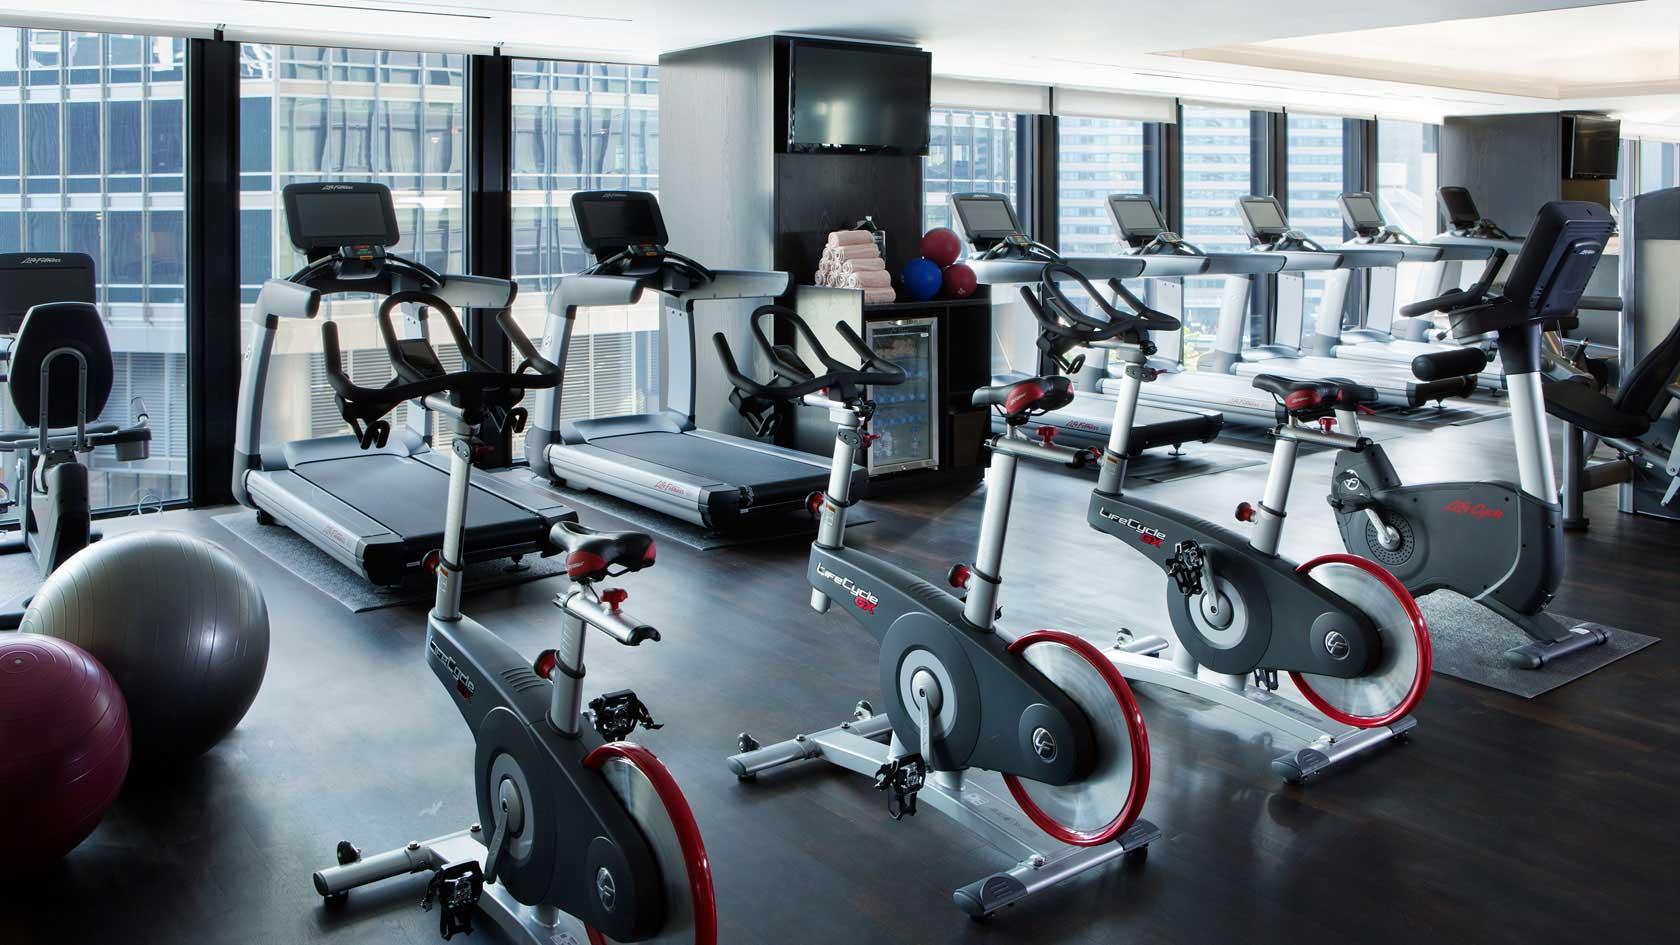 Langham fitness center